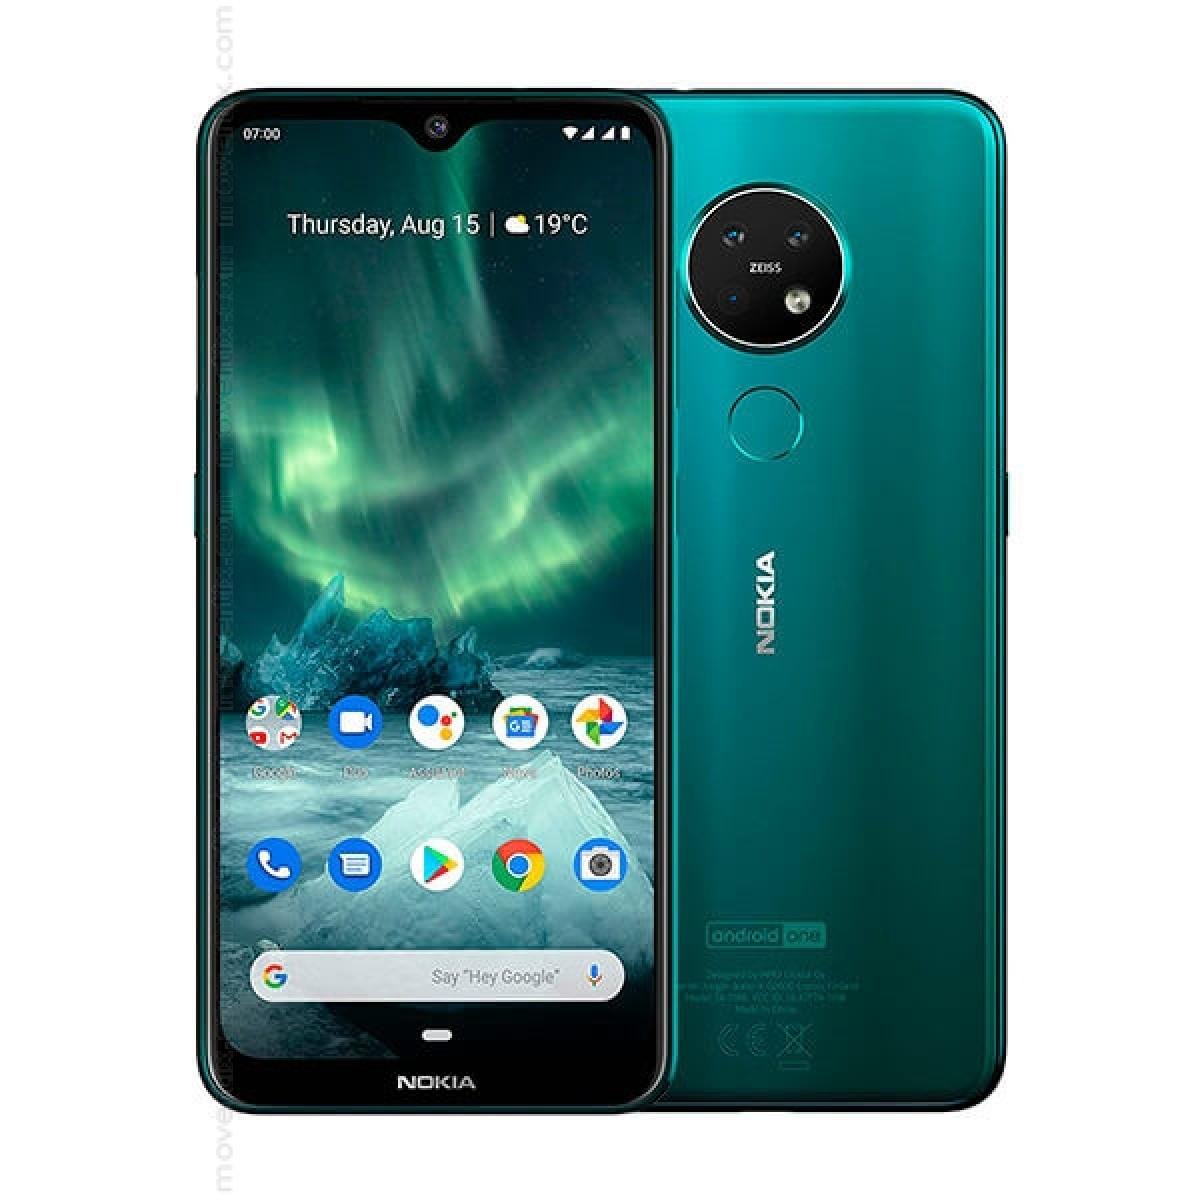 Are Nokia Phones Good?